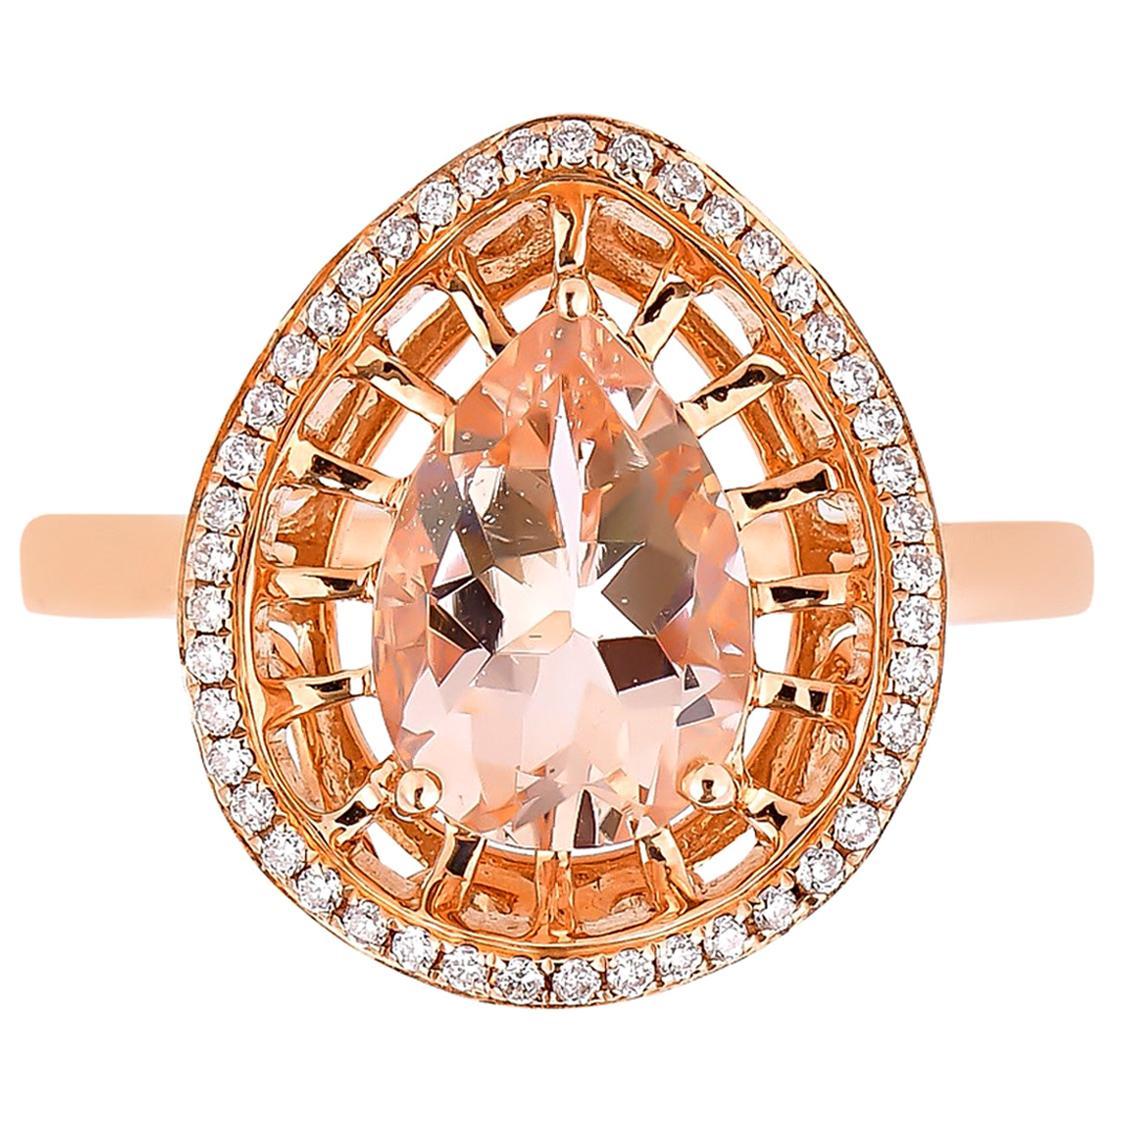 1.5 Carat Morganite and Diamond Ring in 18 Karat Rose Gold